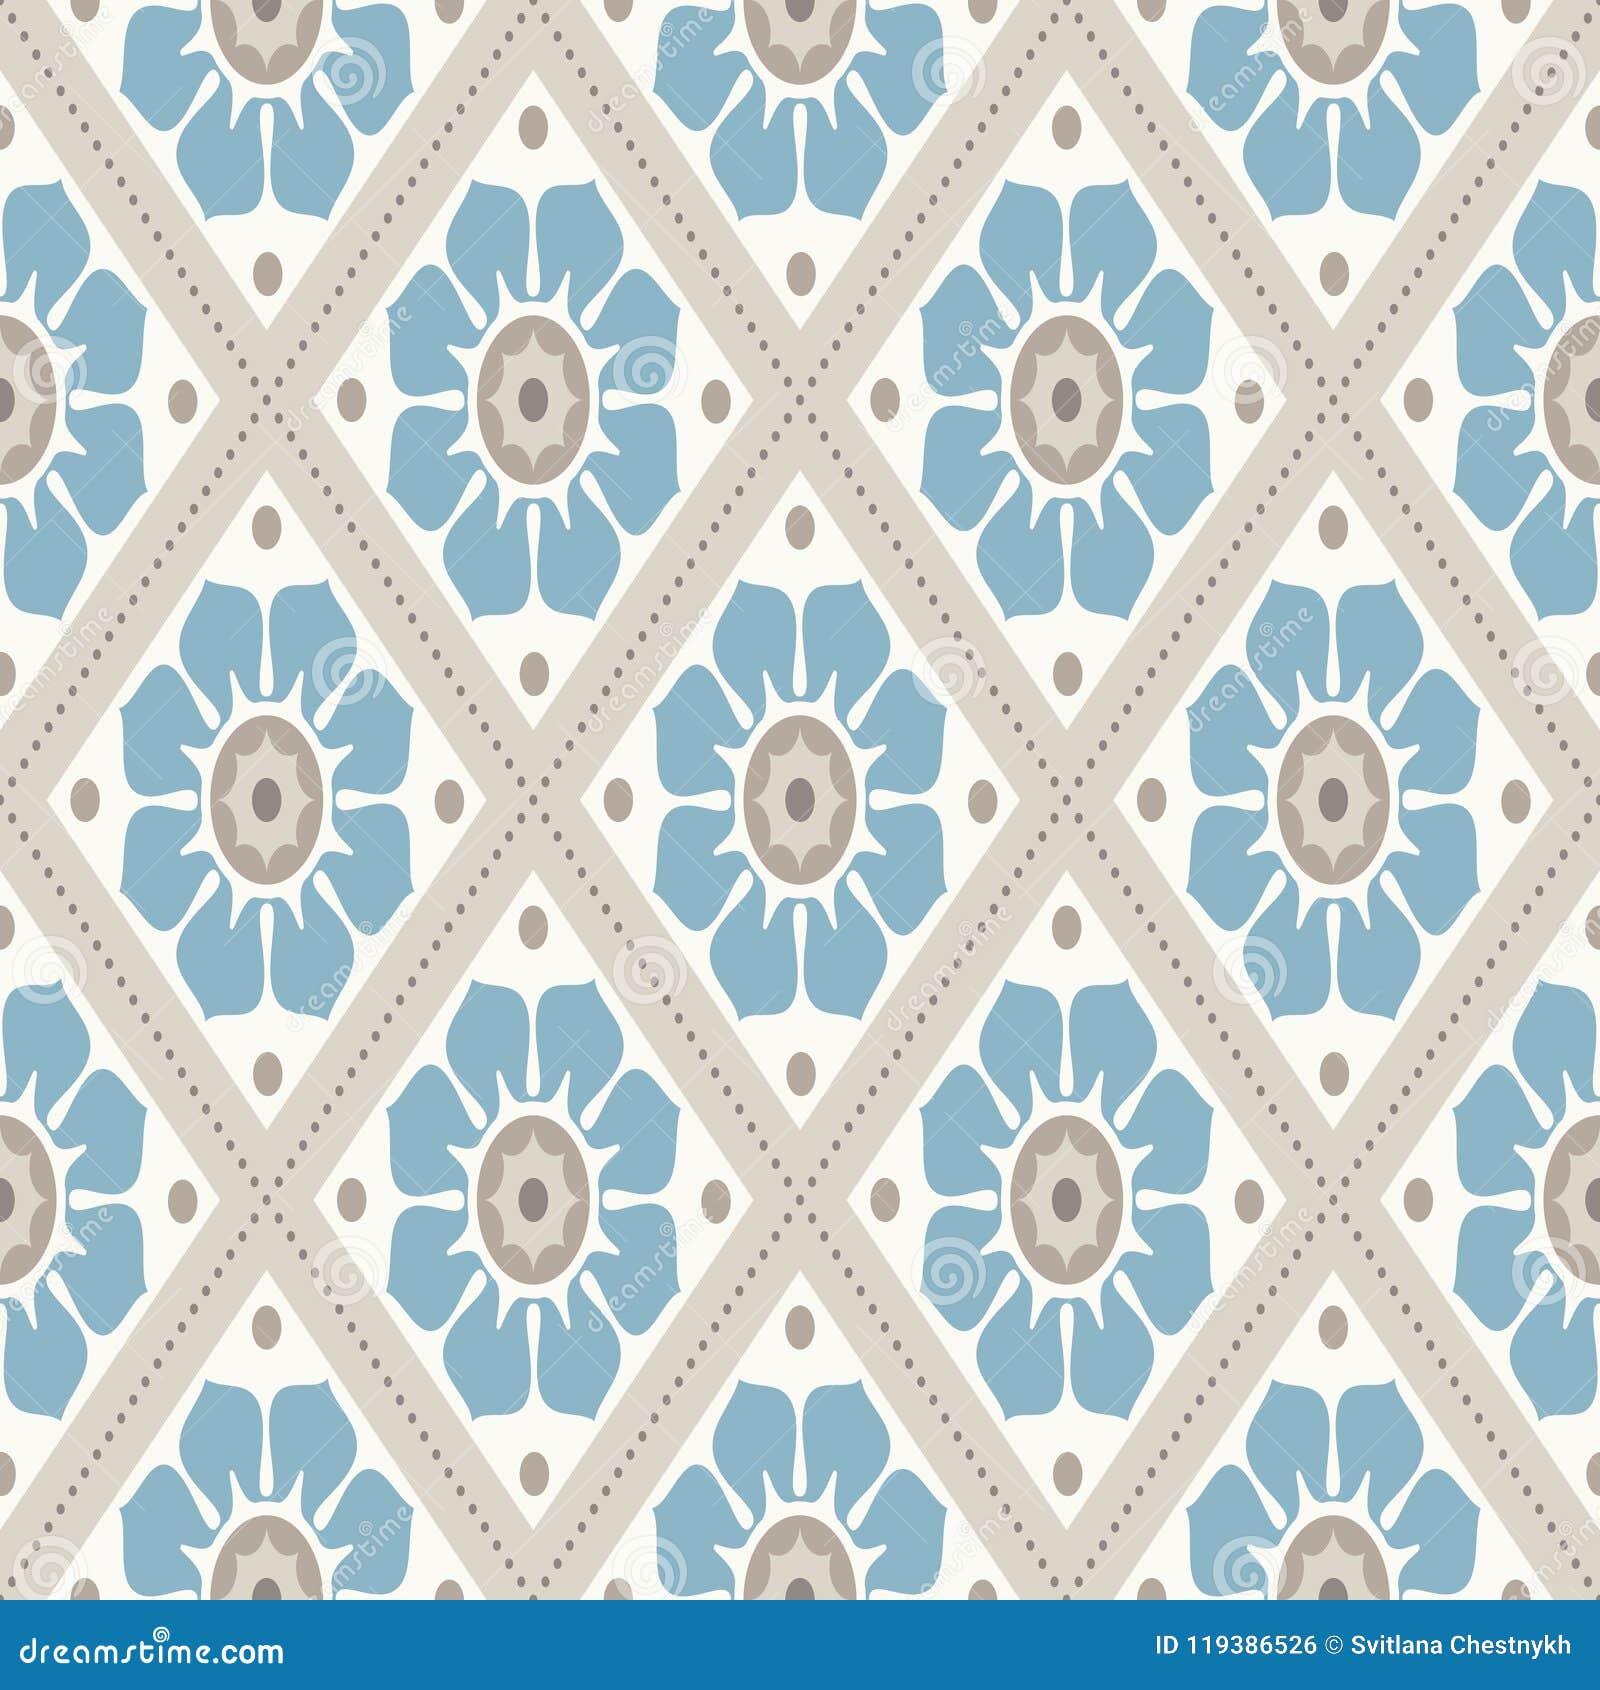 ... Nette Retro  Farben   Graue Beige, Ruhiges Blau Nahtloses Vektormuster  Vervollkommnen Sie Für Gewebedesign, Packpapier, Tapeten, Netzhintergründe  Usw.